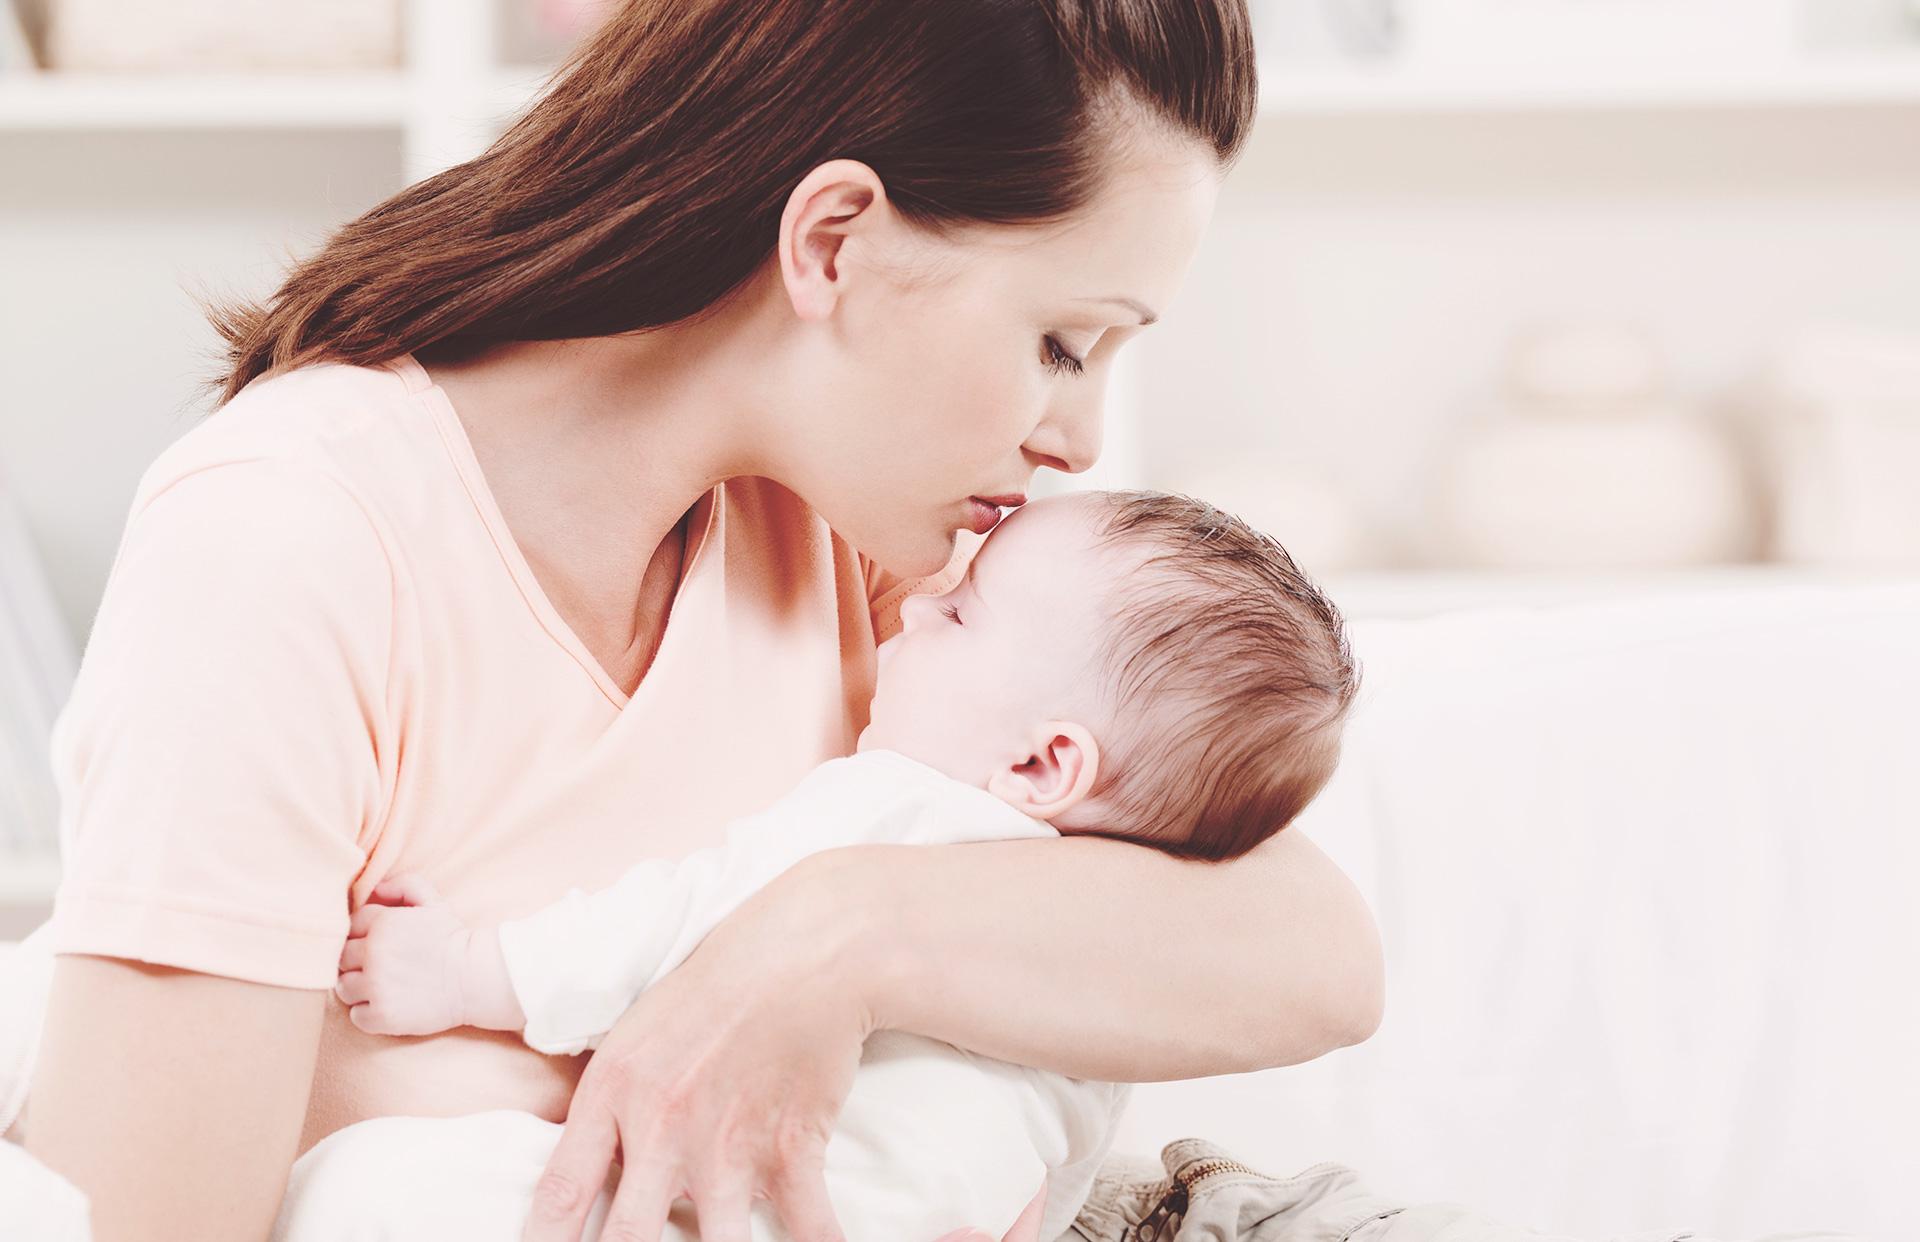 دلیل بوی کپک بدن نوزاد